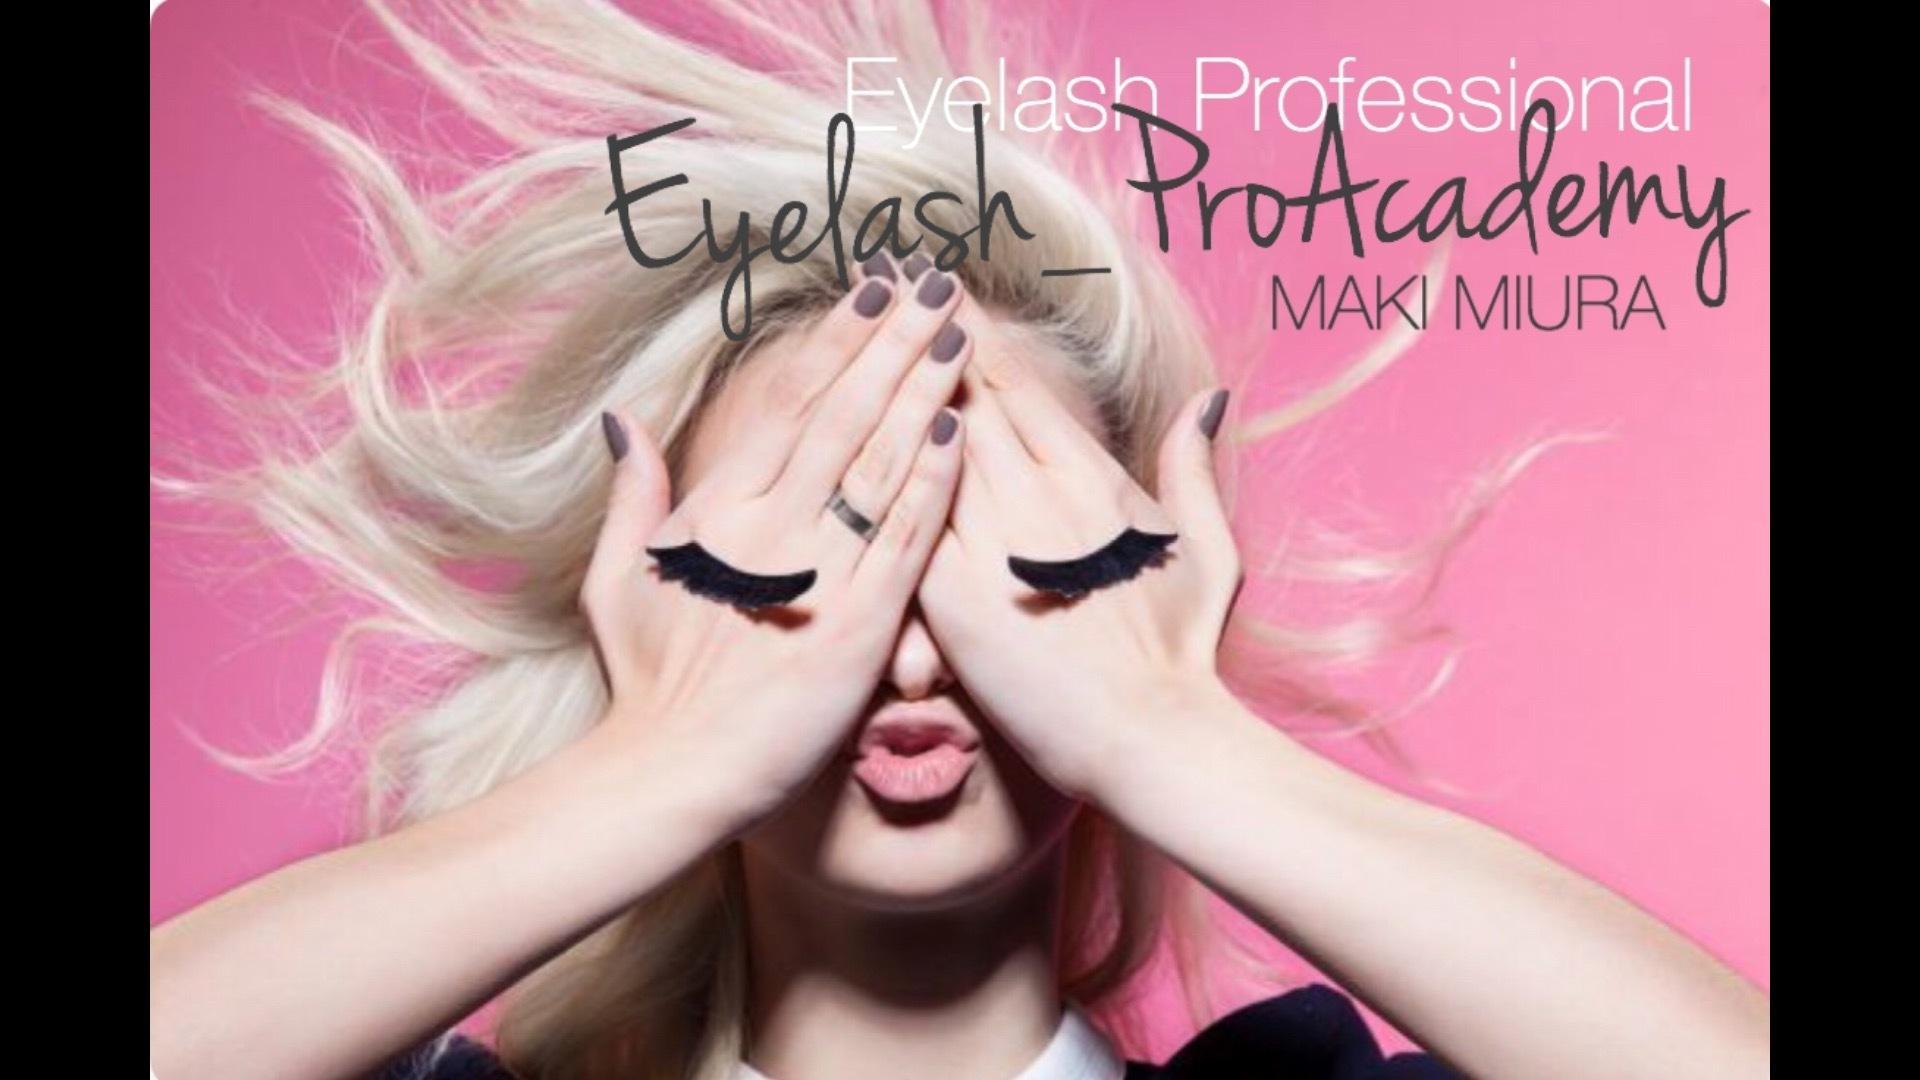 Eyelash Pro Academy